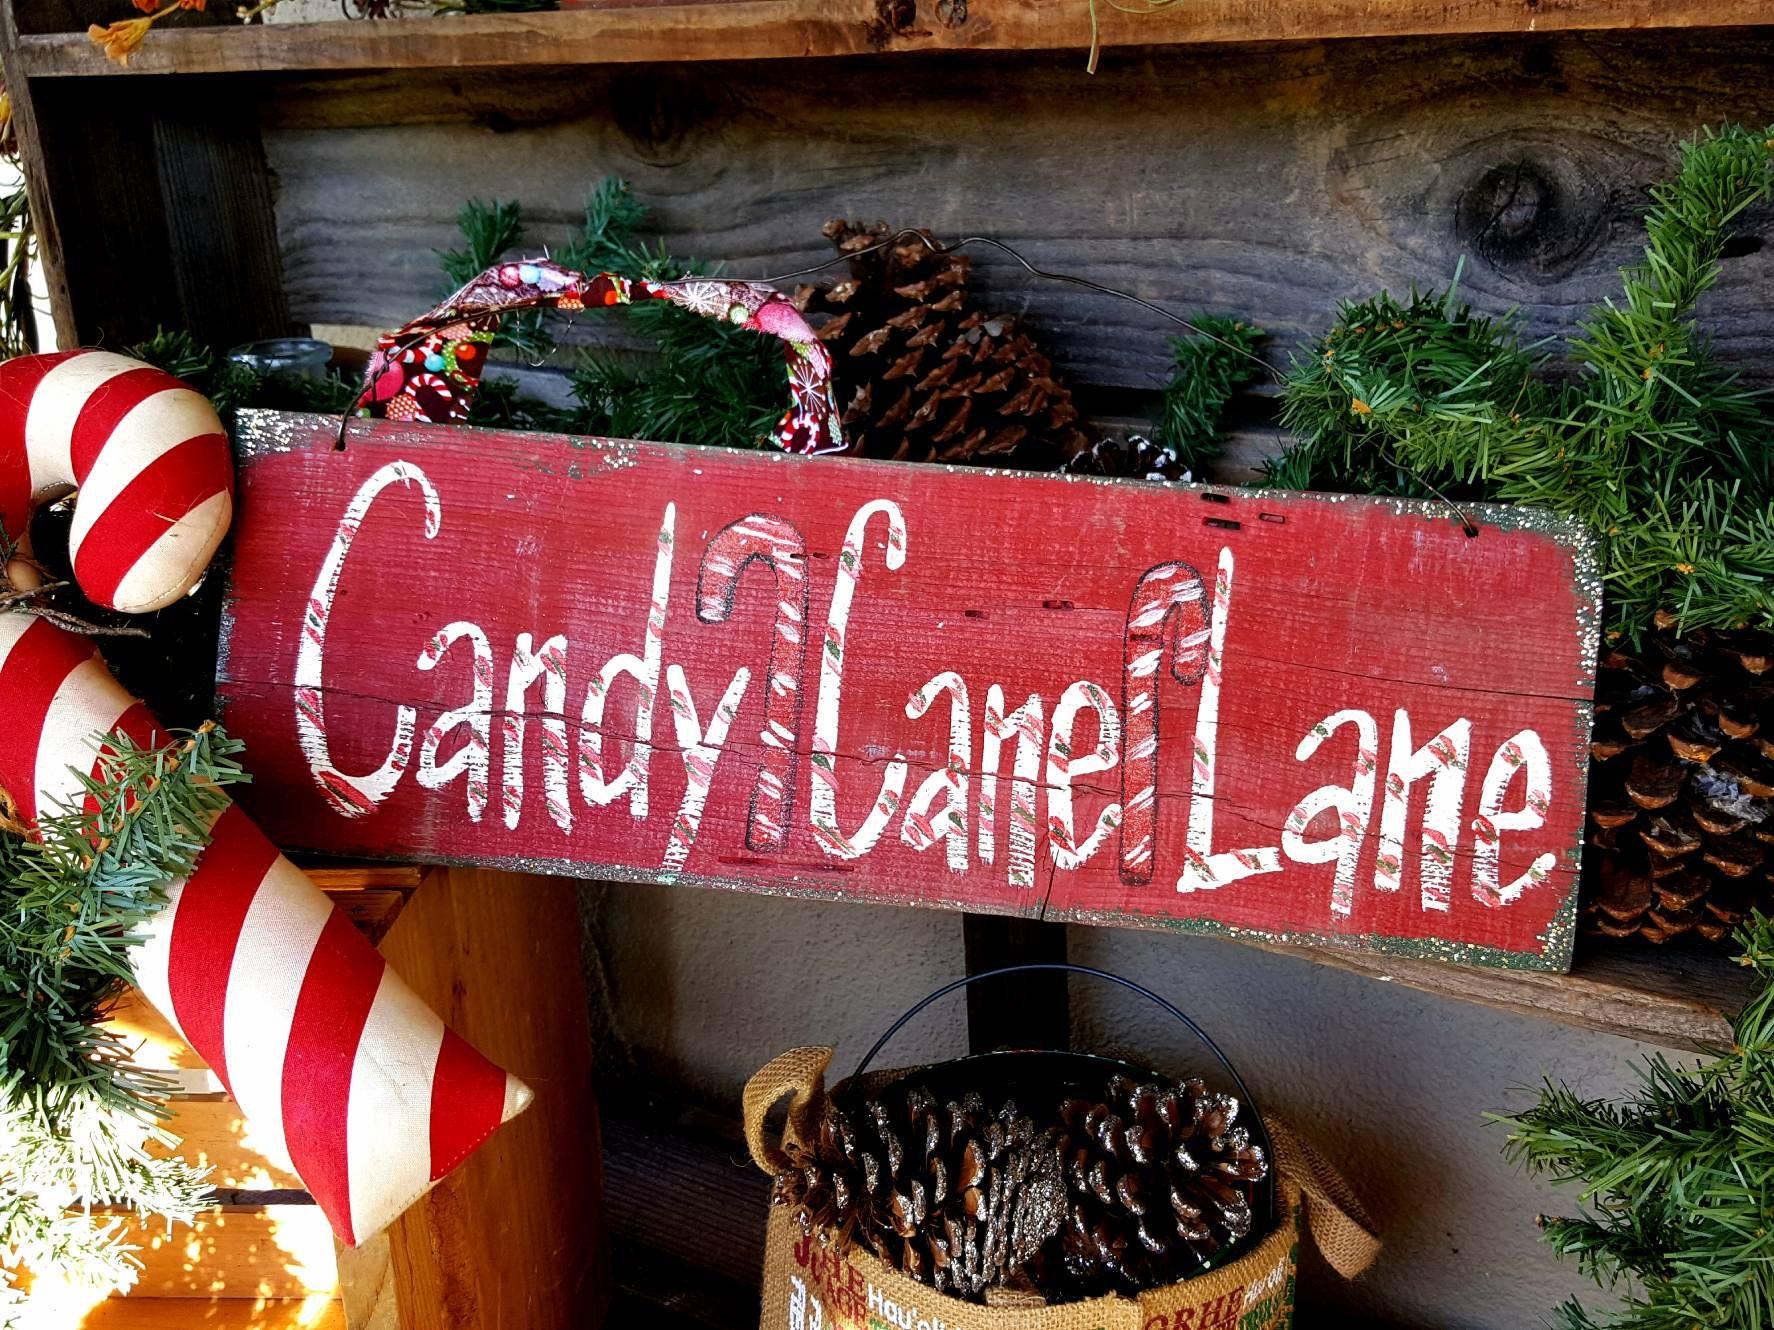 Christmas Door Decorationcandy Cane Lanerustic Signprimitive Decor